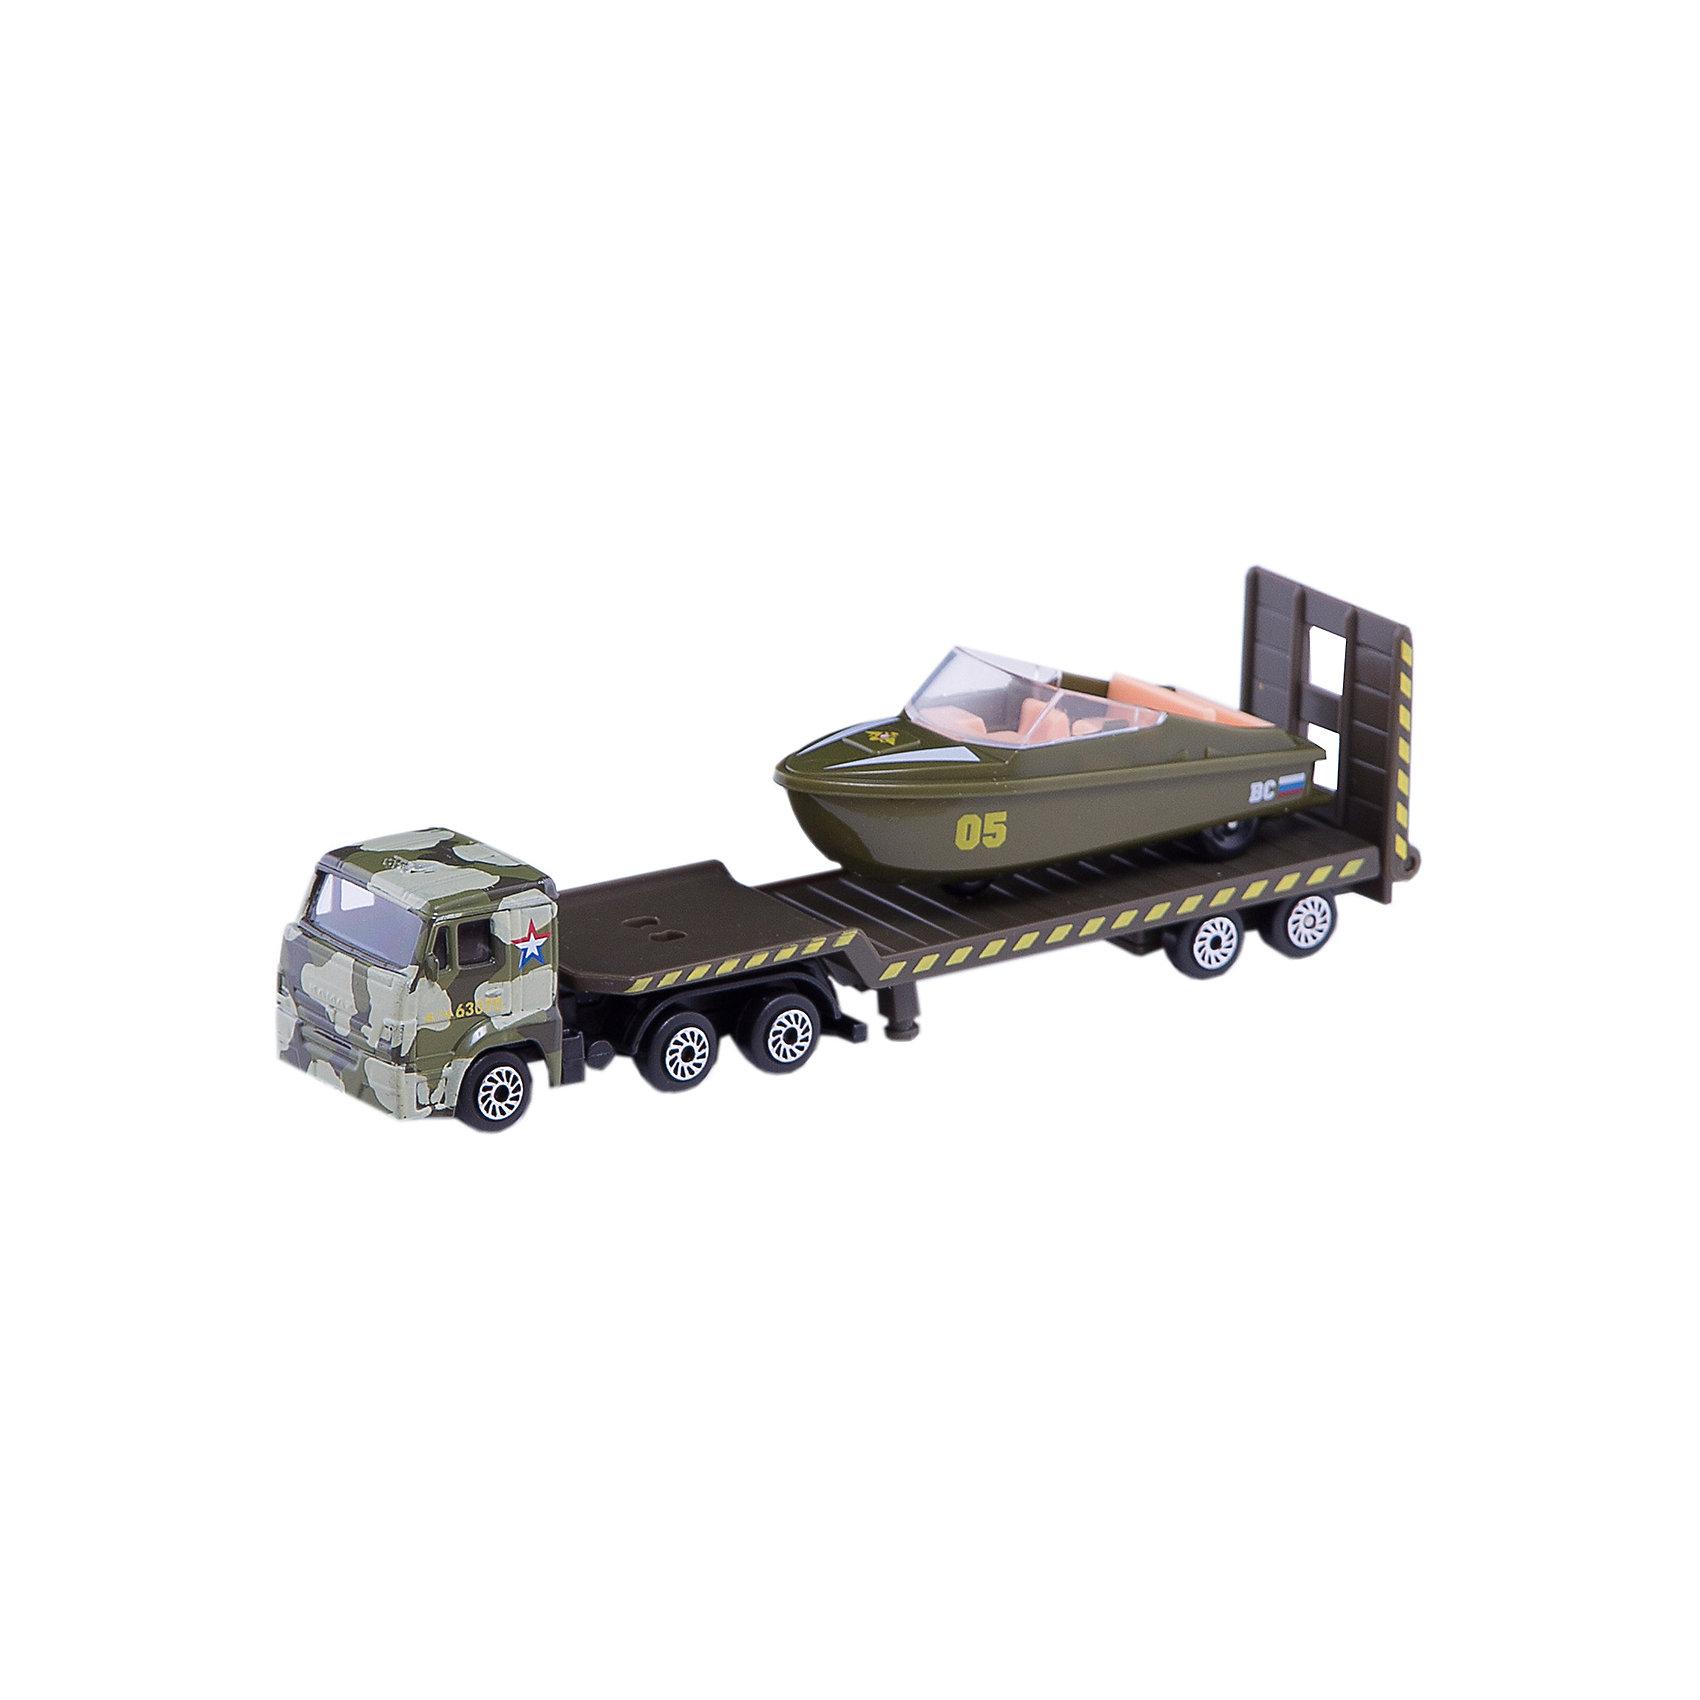 Набор Камаз:  транспортер военный с лодкой, ТехнопаркИгровые наборы<br>Набор Камаз:  транспортер военный с лодкой, Технопарк<br><br>Характеристики:<br><br>• борт машины опускается<br>• лодка может ездить самостоятельно<br>• материал: металл, пластик<br>• длина грузовика с прицепом: 15,5 см<br>• в комплекте: грузовик с прицепом, лодка<br>• размер упаковки: 22х5х11 см<br><br>Набор Камаз: транспортер военный с лодкой поможет ребенку раскрыть свою фантазию и придумать множество игр с машинами. В комплект входят грузовик с прицепом и лодка. Борт грузовика можно опустить, и тогда лодка сможет поехать самостоятельно, с помощью своих колес. Все детали поражают своей точностью. Машинки изготовлены из прочных материалов, устойчивых к деформации. Такой набор станет прекрасным подарком для вашего ребенка!<br><br>Набор Камаз: транспортер военный с лодкой вы можете купить в нашем интернет-магазине.<br><br>Ширина мм: 40<br>Глубина мм: 100<br>Высота мм: 210<br>Вес г: 120<br>Возраст от месяцев: 36<br>Возраст до месяцев: 120<br>Пол: Мужской<br>Возраст: Детский<br>SKU: 5099074